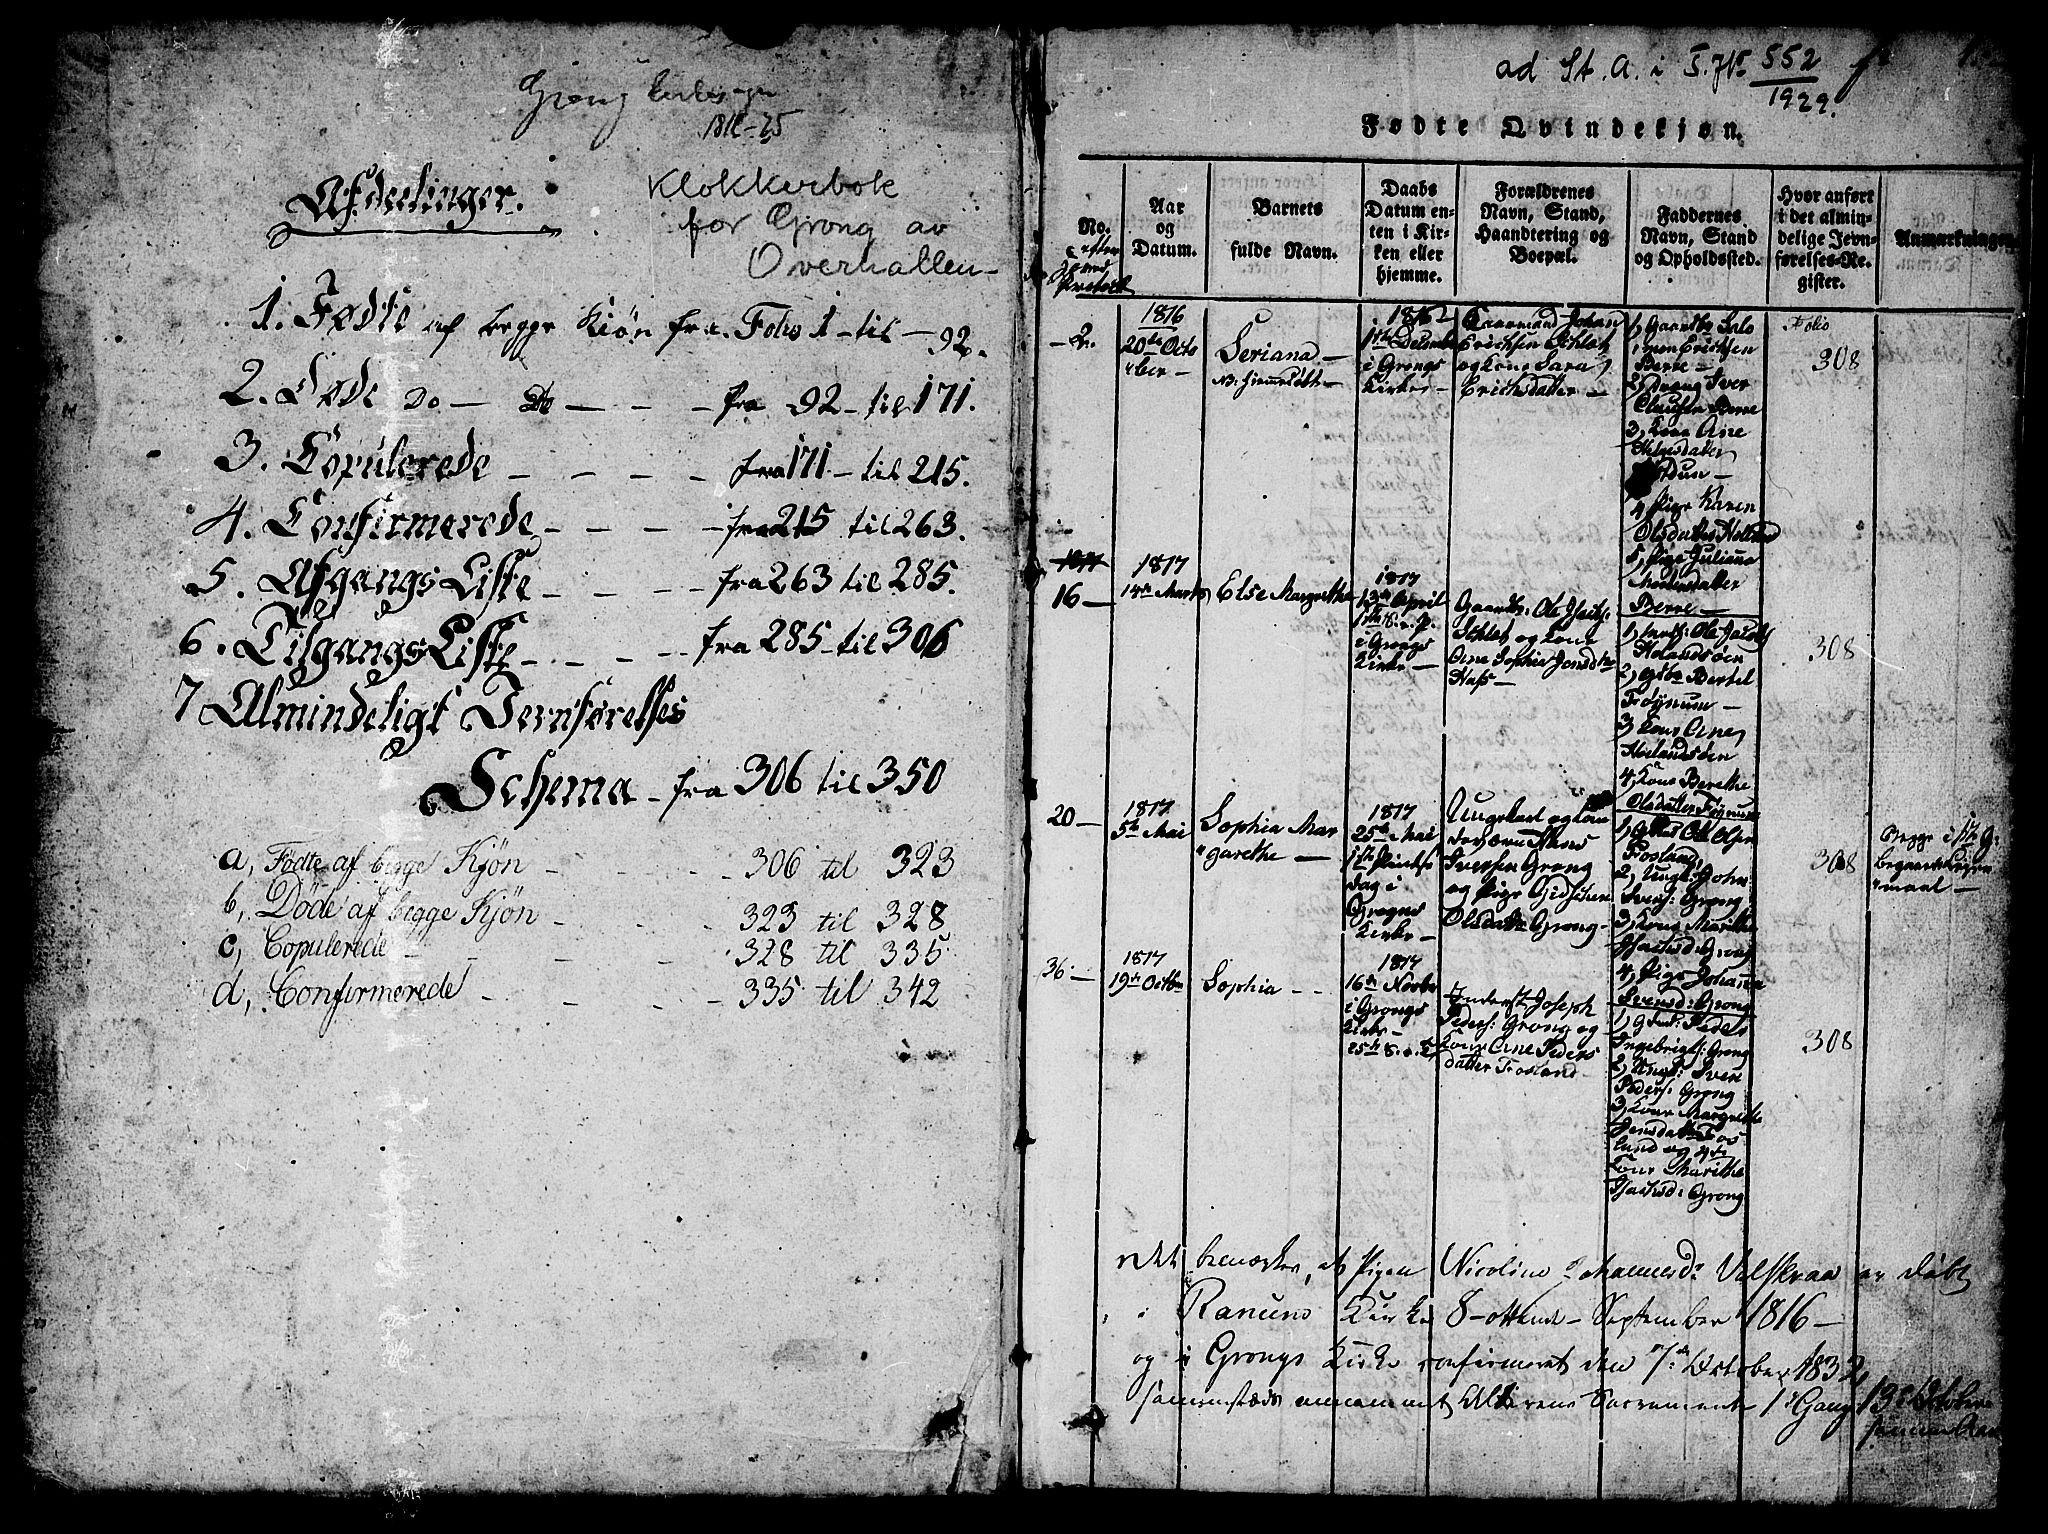 SAT, Ministerialprotokoller, klokkerbøker og fødselsregistre - Nord-Trøndelag, 758/L0521: Klokkerbok nr. 758C01, 1816-1825, s. 1